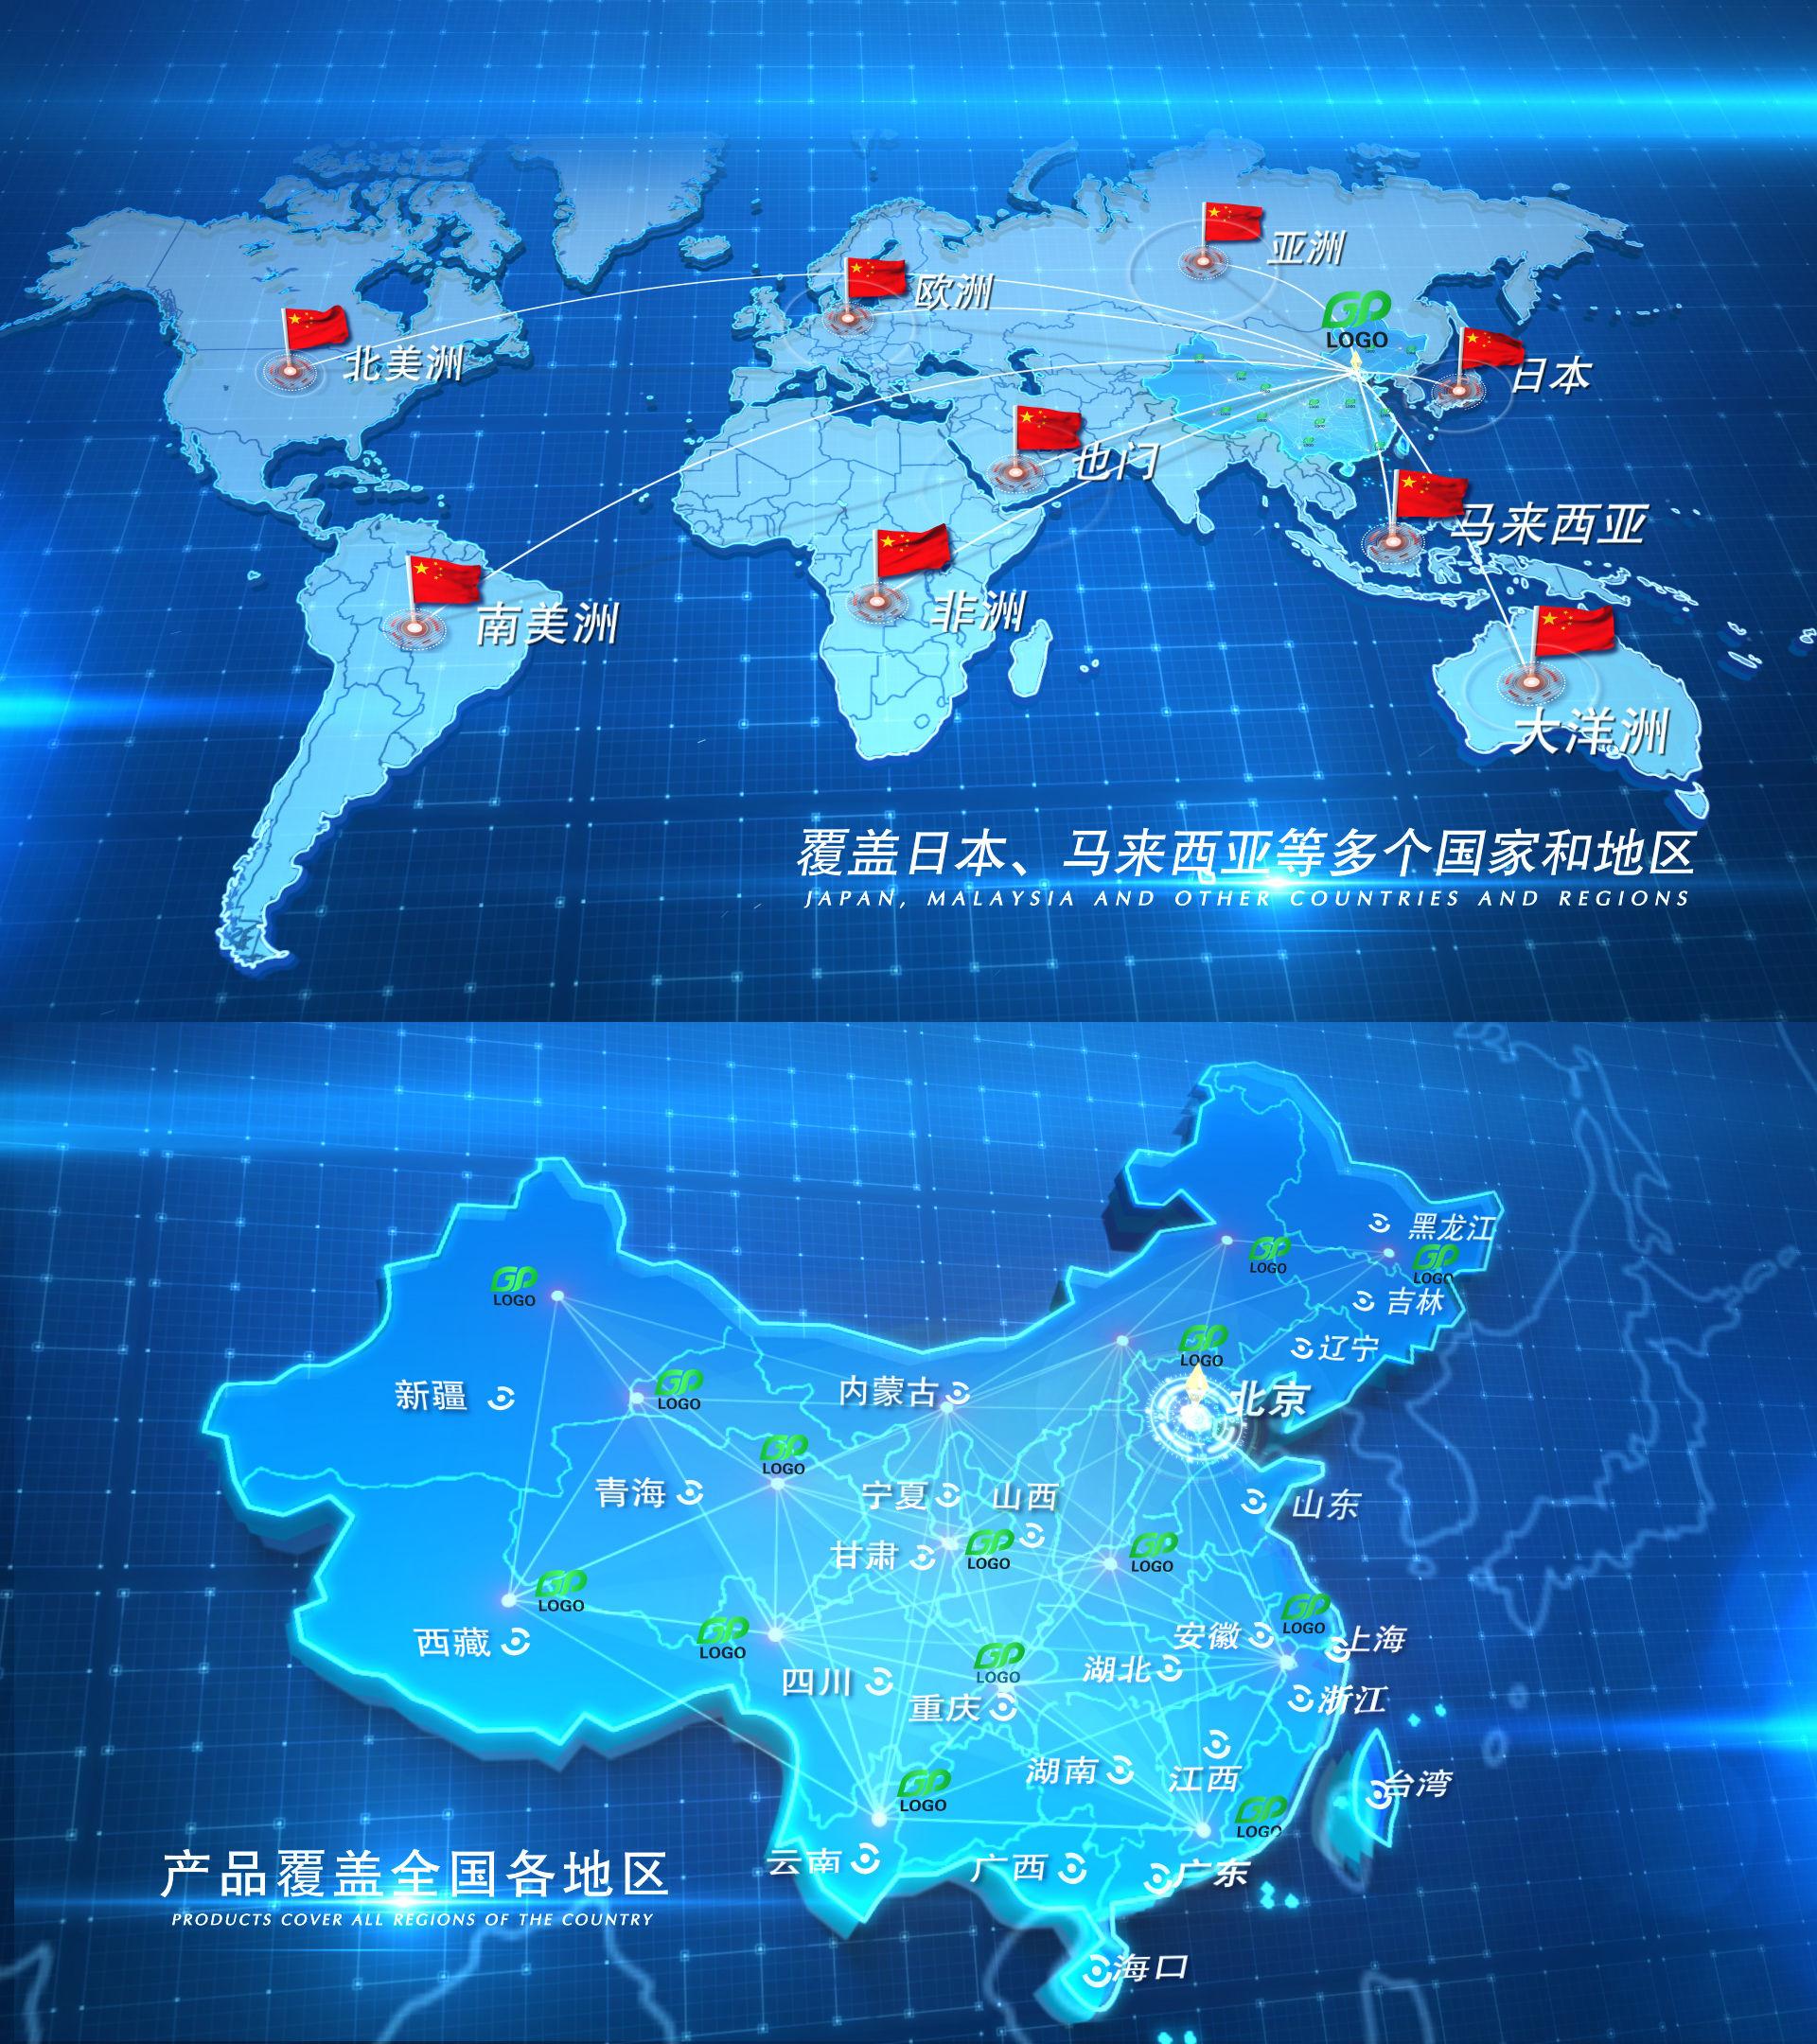 蓝色科技地图辐射展示